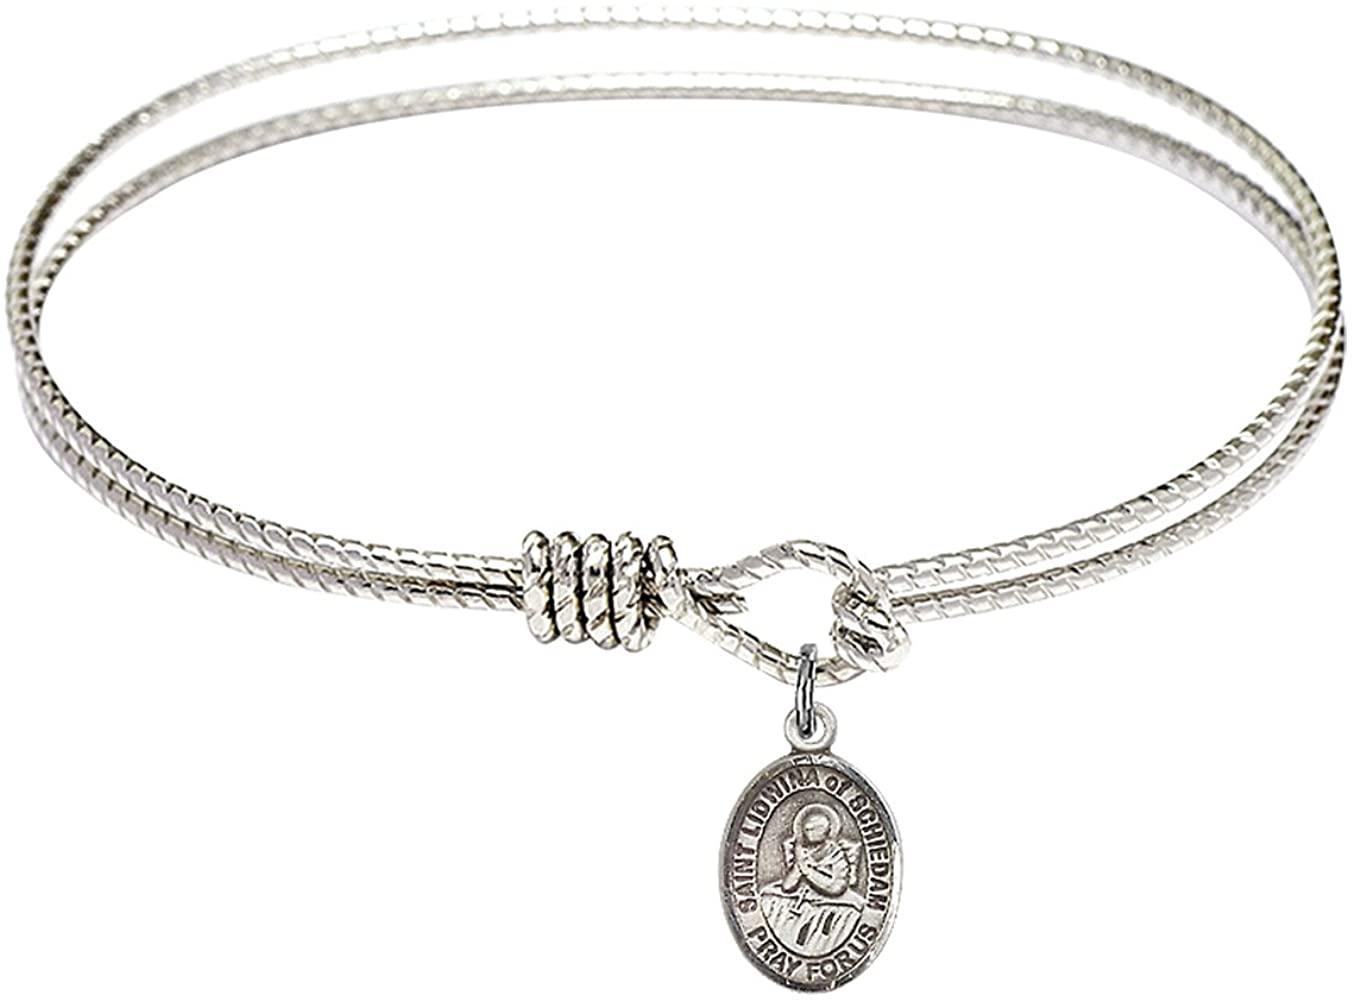 DiamondJewelryNY Eye Hook Bangle Bracelet with a St. Lidwina of Schiedam Charm.